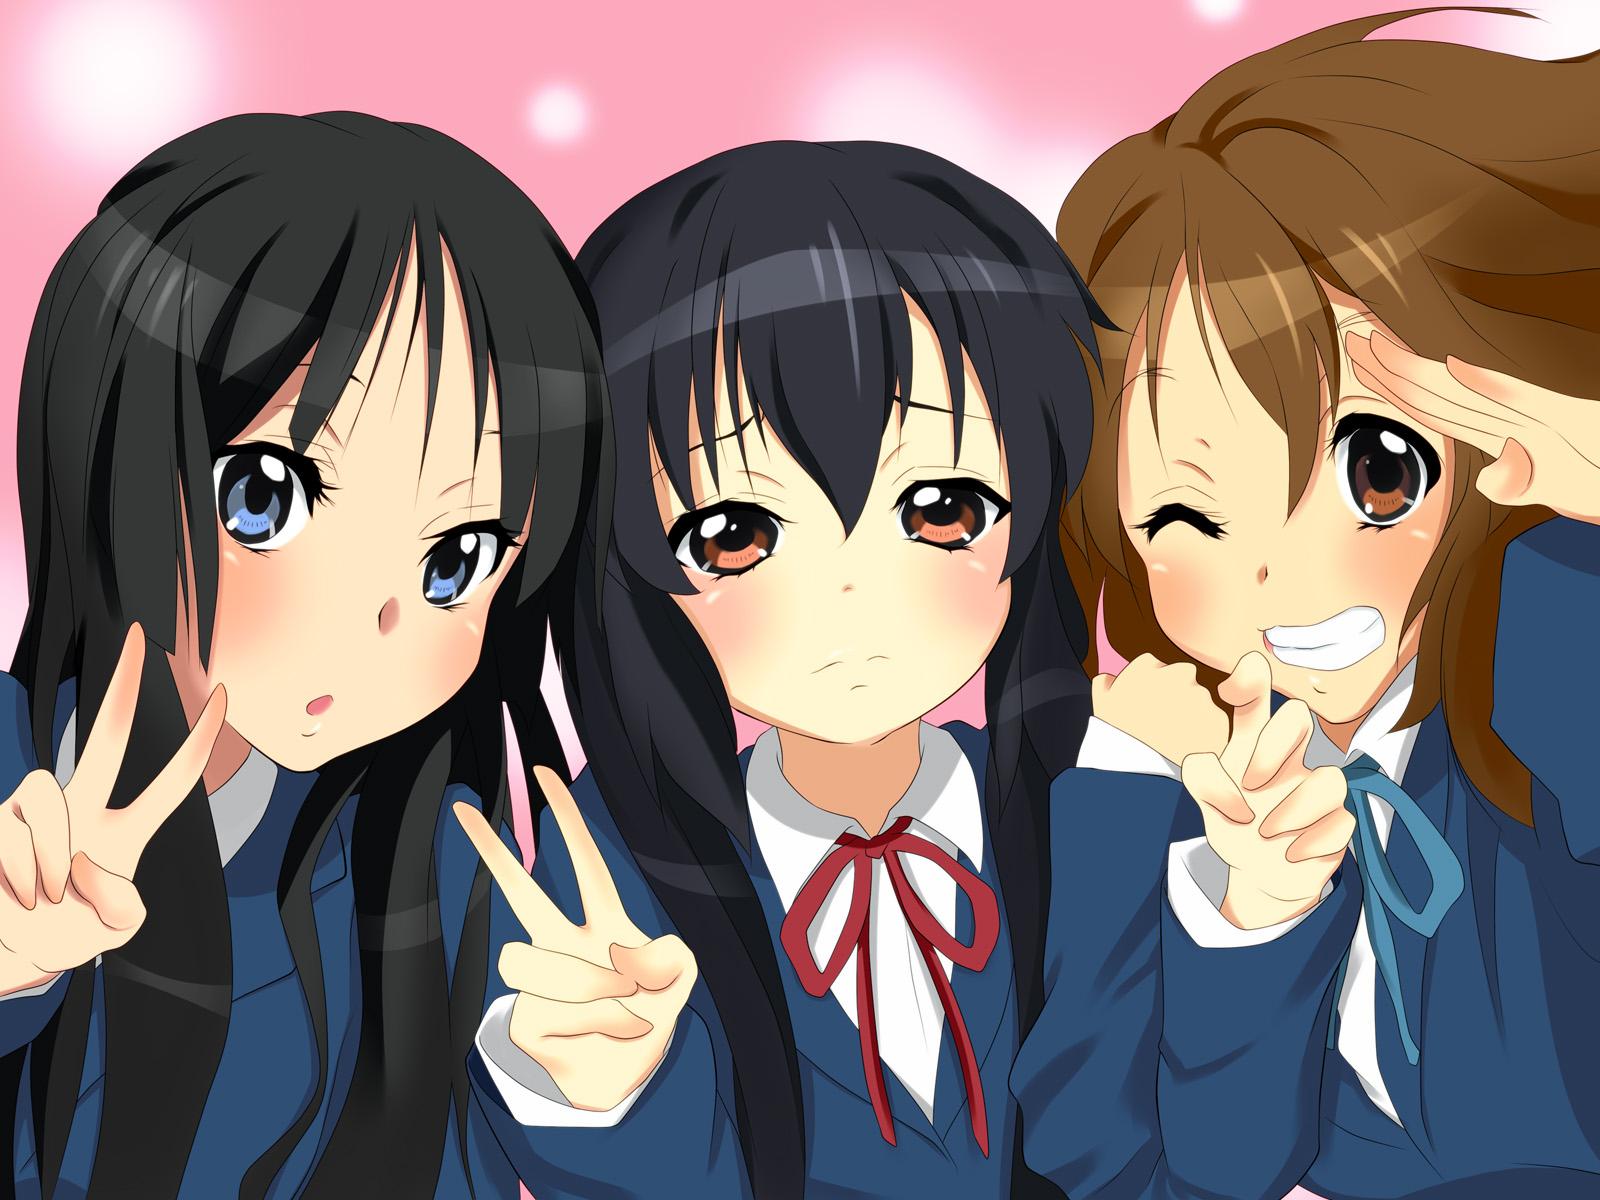 konachan-com-51341-akiyama_mio-hirasawa_yui-k-on-nakano_azusa